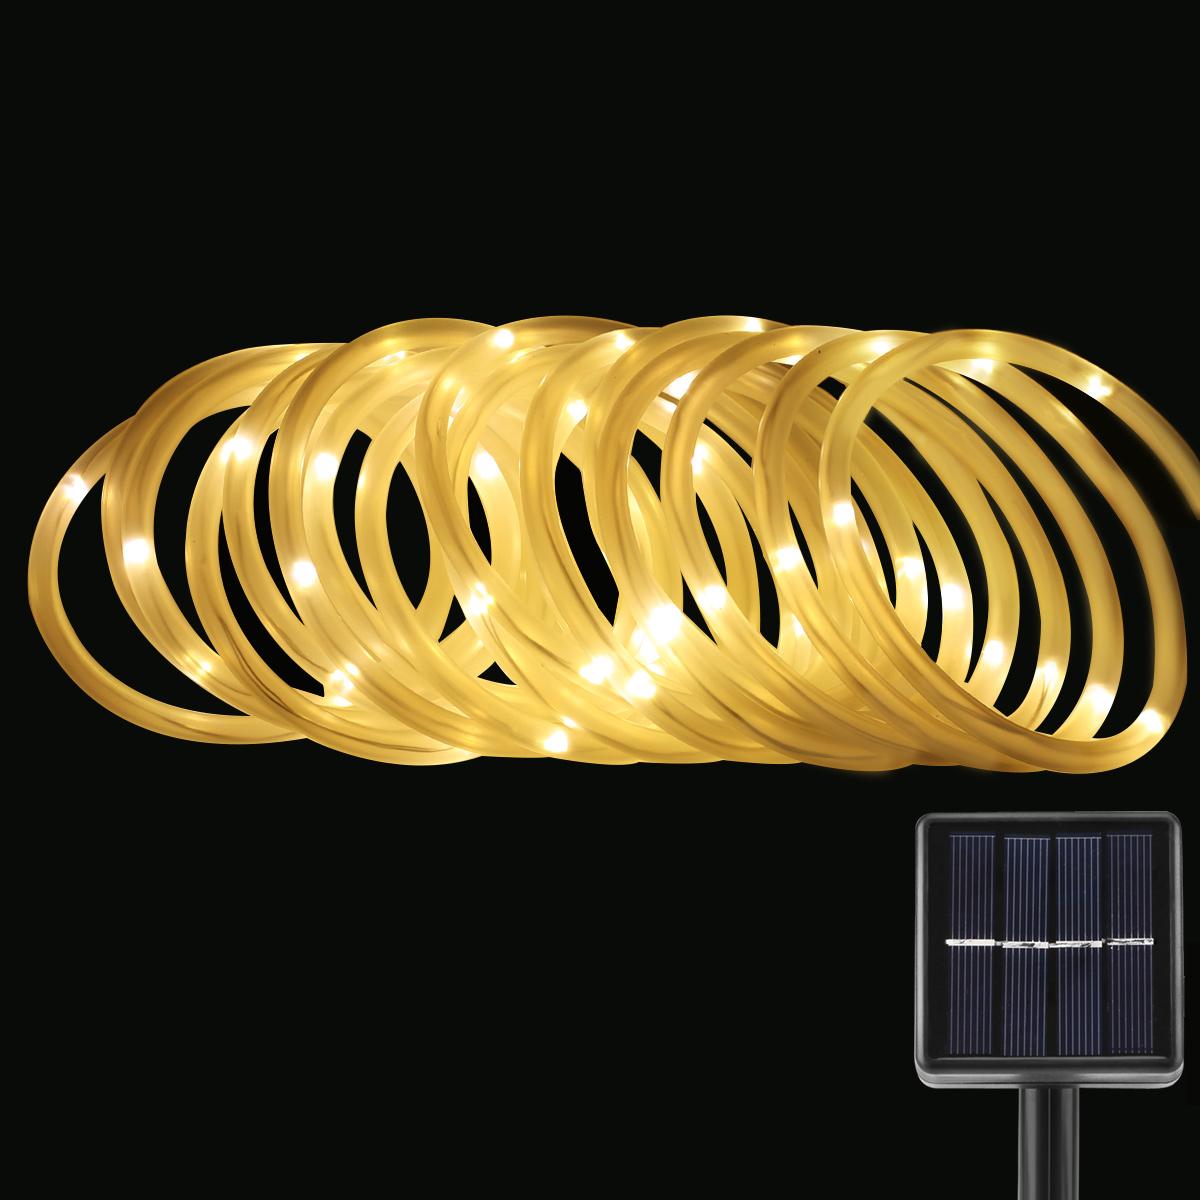 LED Solar Lichterkette, 5 Meter, Wasserdicht, 50 LEDs, 1,2V, Warmweiß, mit Lichtsensor, Beleuchtung für Hochzeit